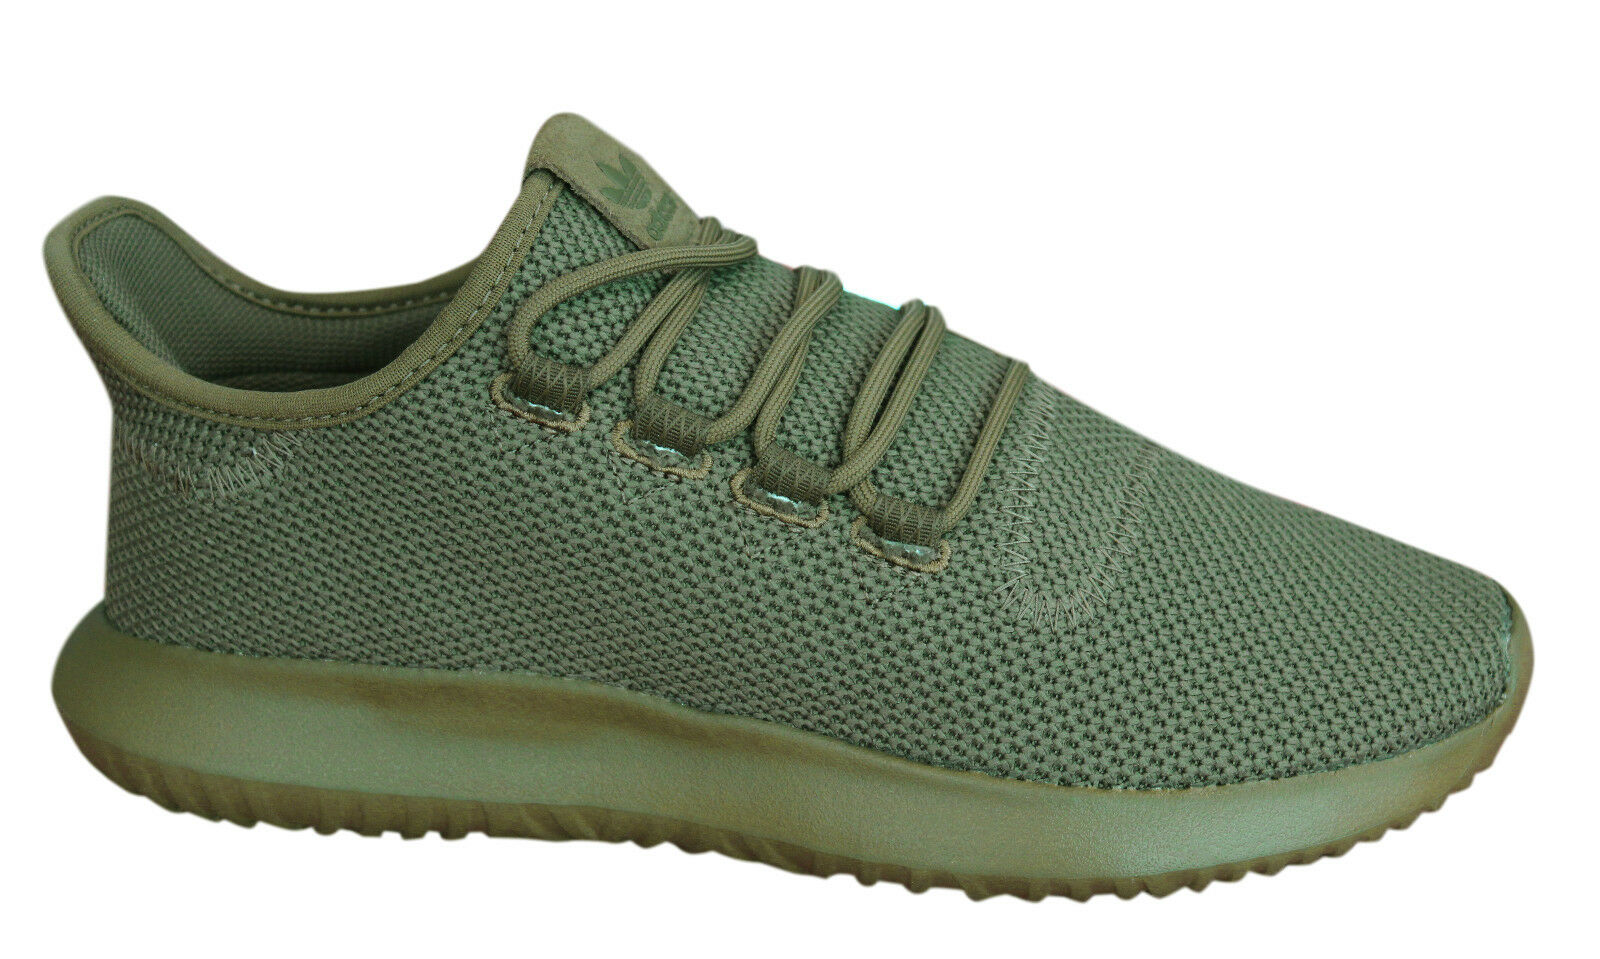 Adidas Originals Tubular sombra Tenis con Cordones AQ0387 para Hombre Zapatos Textil AQ0387 Cordones OpM10 f35f6d